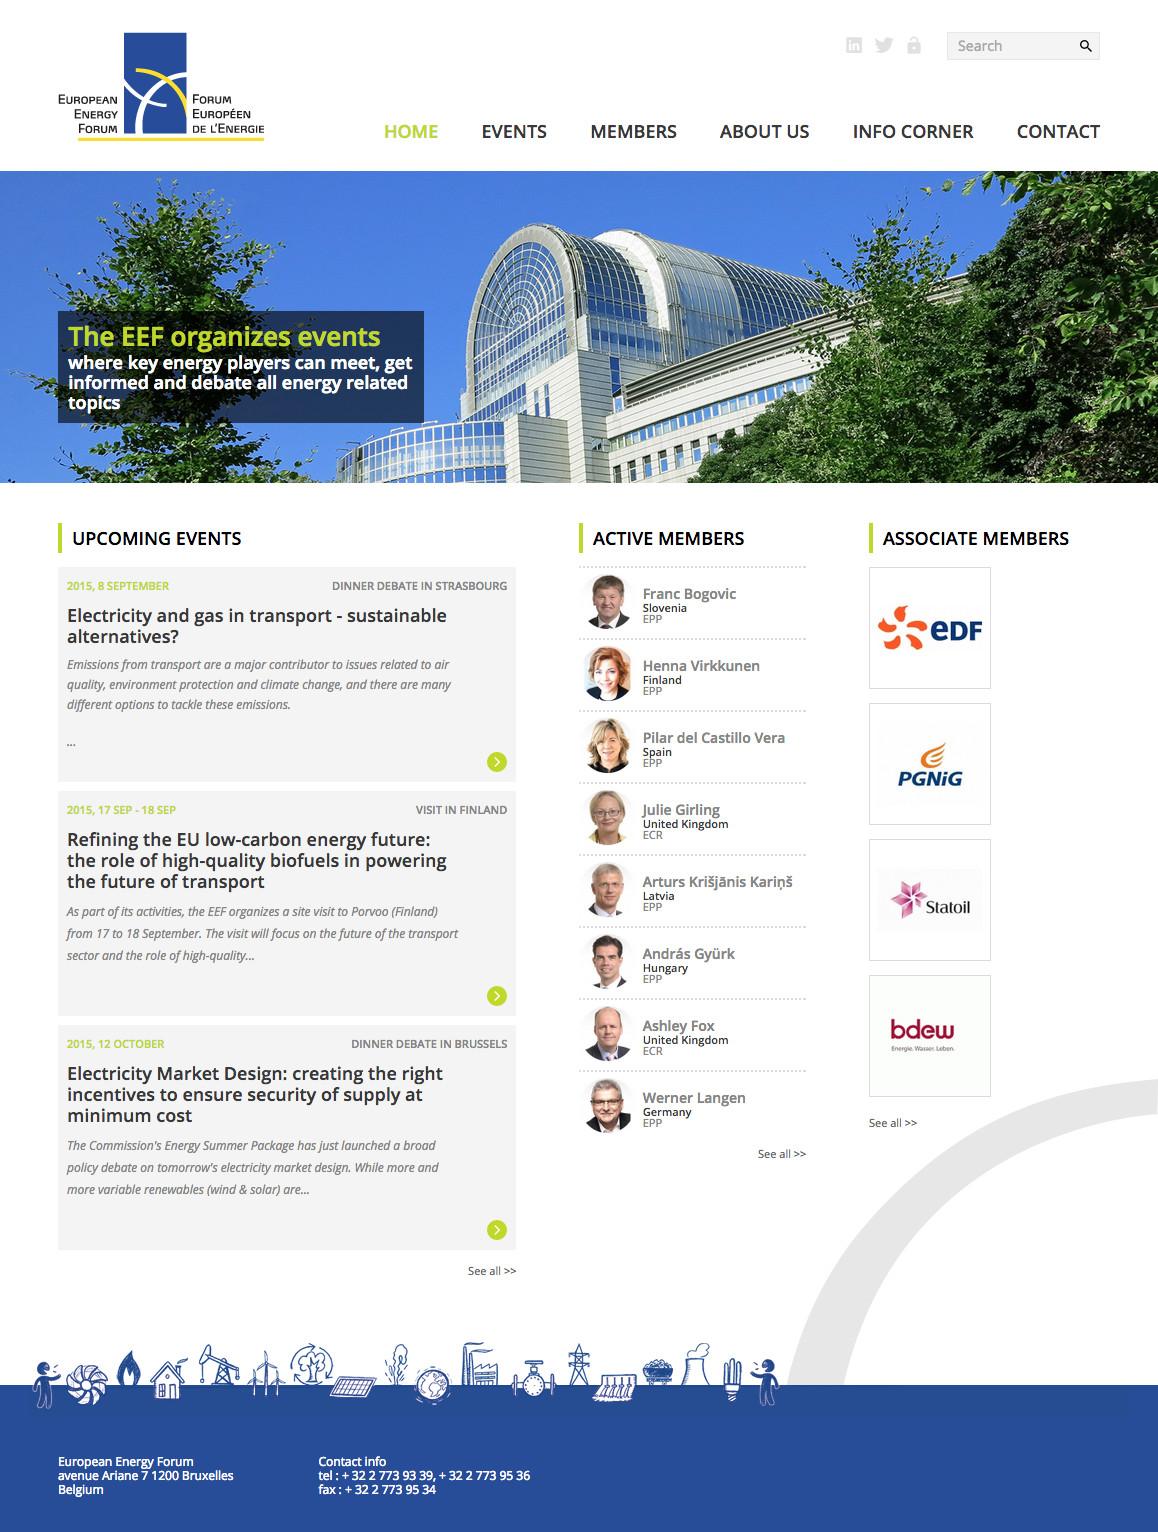 Page d'accueil du site du Forum européen de l'énergie